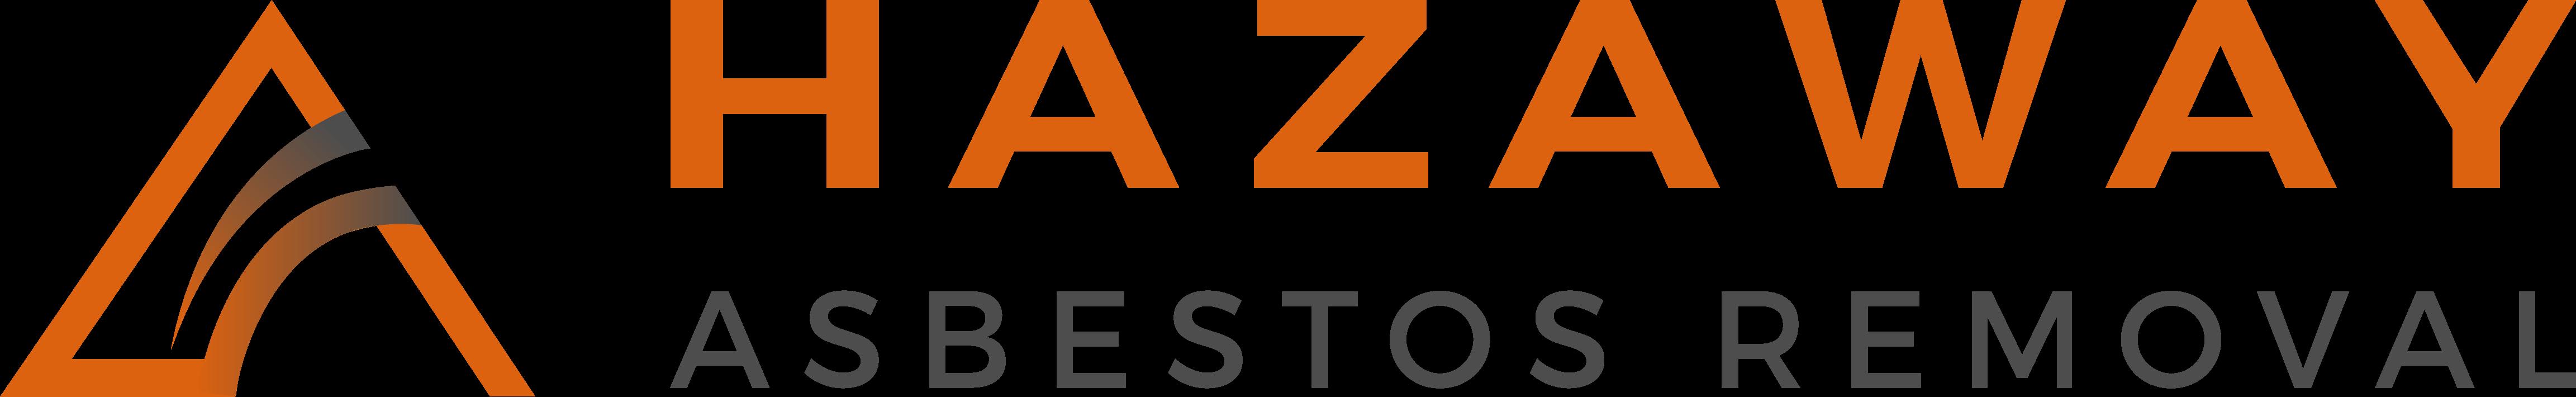 Hazaway Asbestos Removal